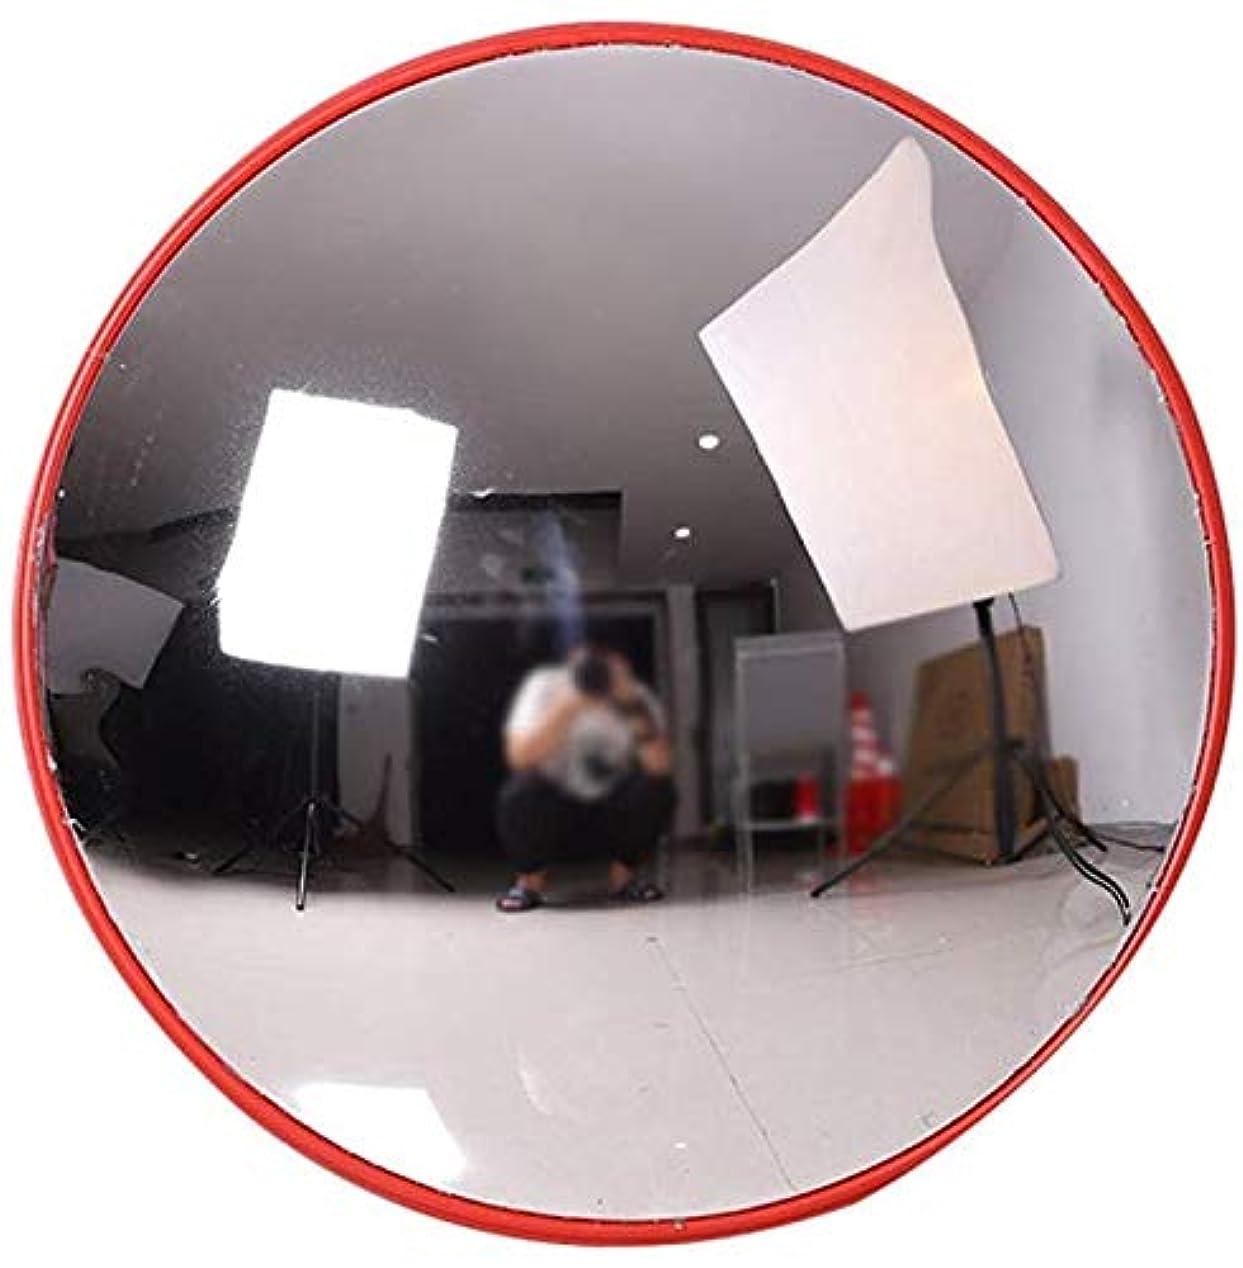 ピーブマスク忙しいスーパーマーケットPC盗難防止ミラー、調整可能な方向ポータブル凸面鏡屋内駐車場ブラインドスポットミラー45-80CM(サイズ:45CM)